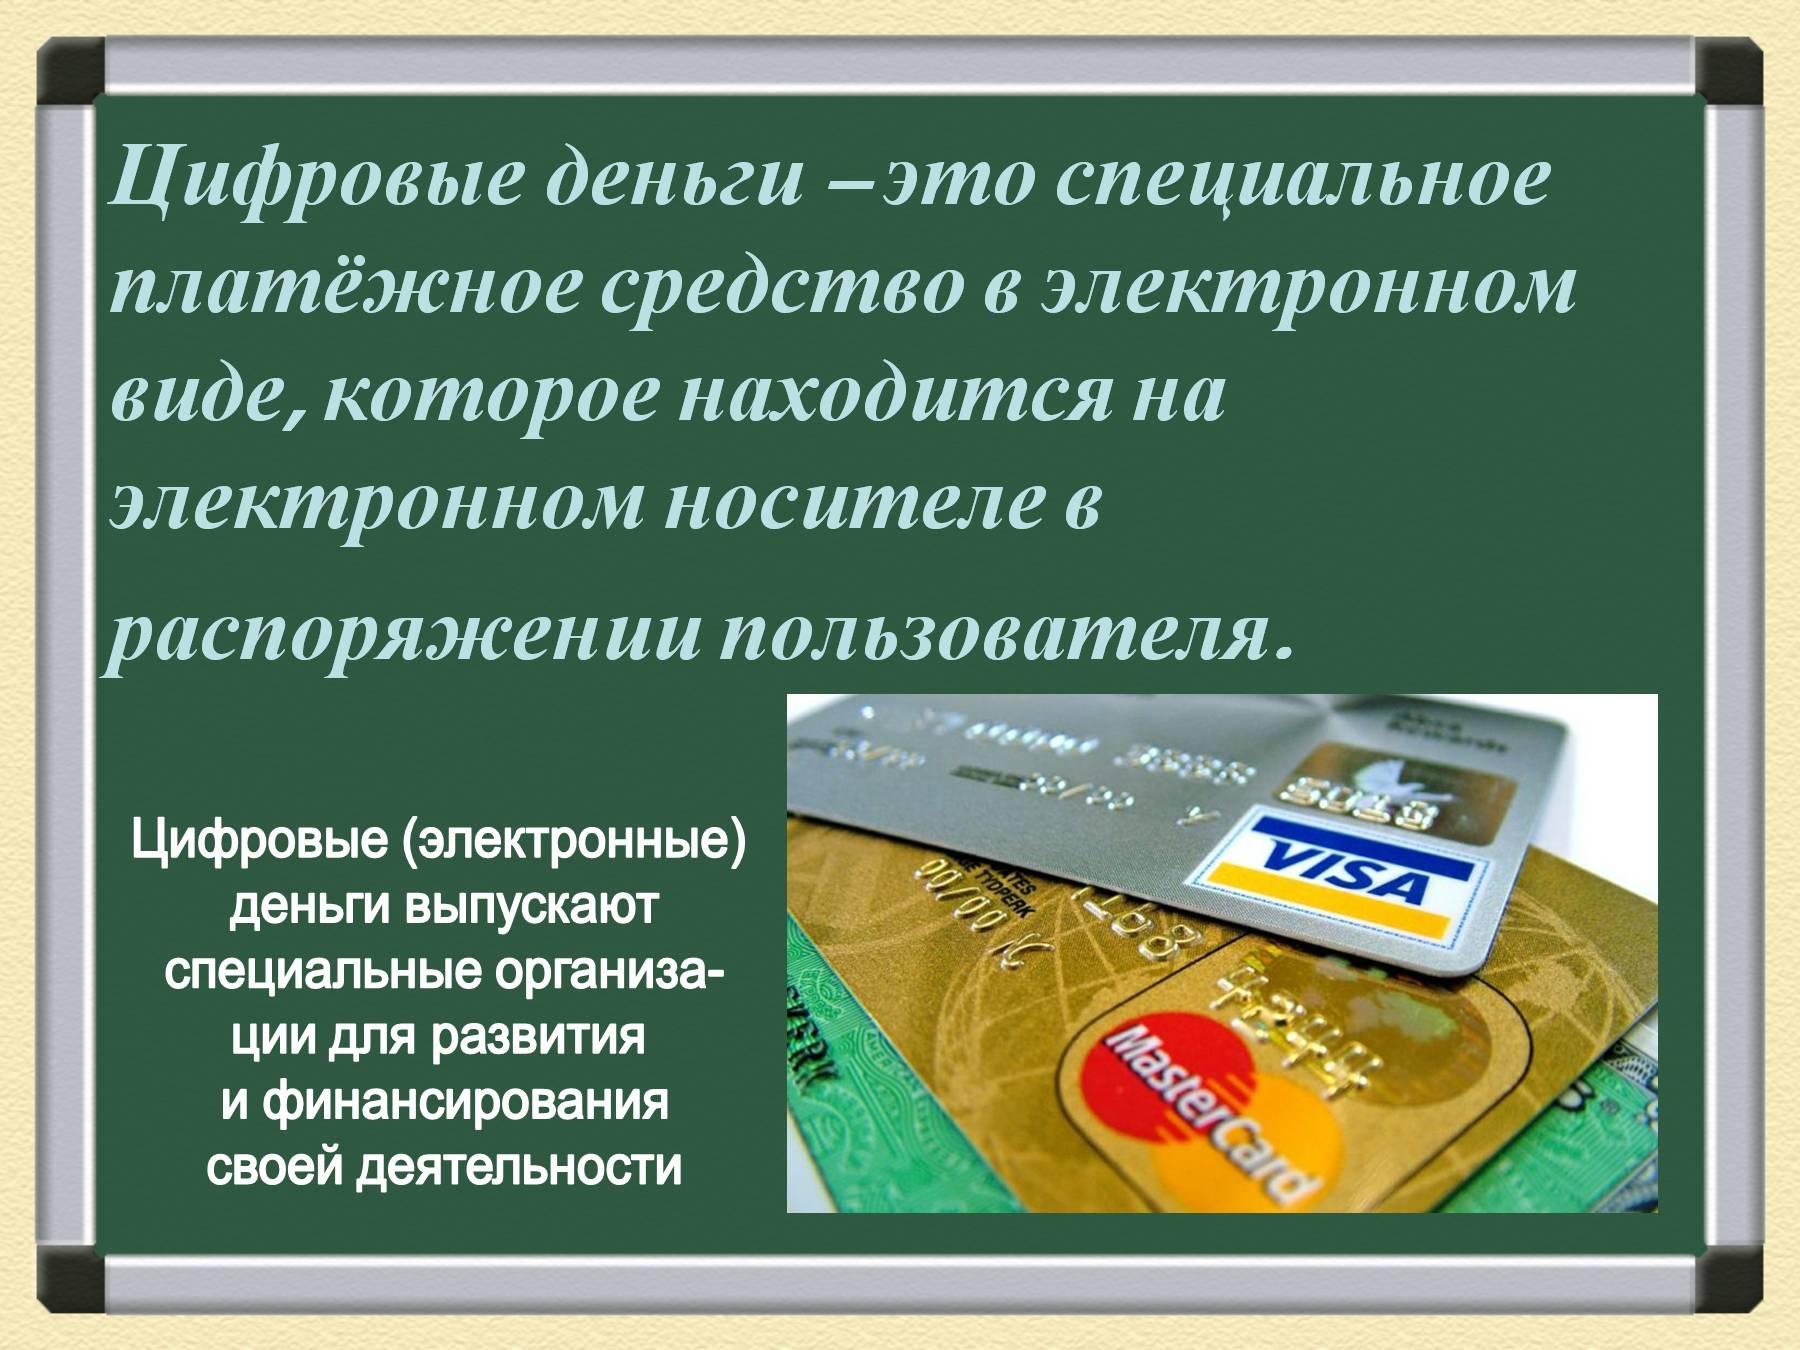 Цифровые валюты и криптовалюты. в чём разница?